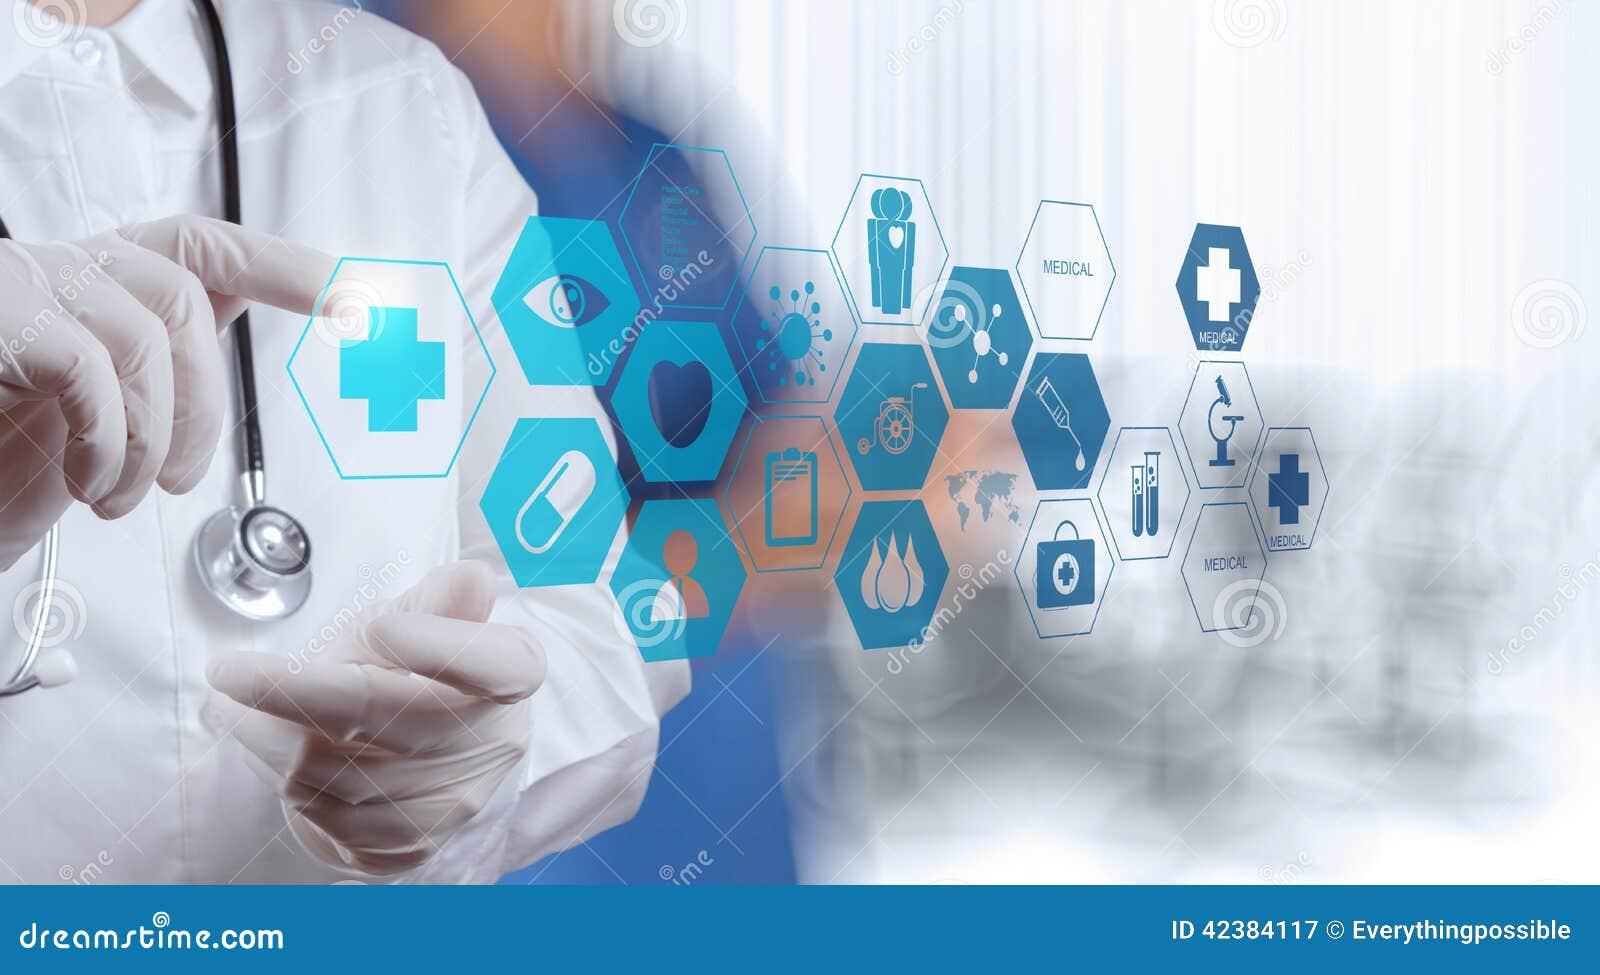 医学�yb>X�~Z�n�>�_医学医生手与现代计算机接口一起使用作为医疗概念.